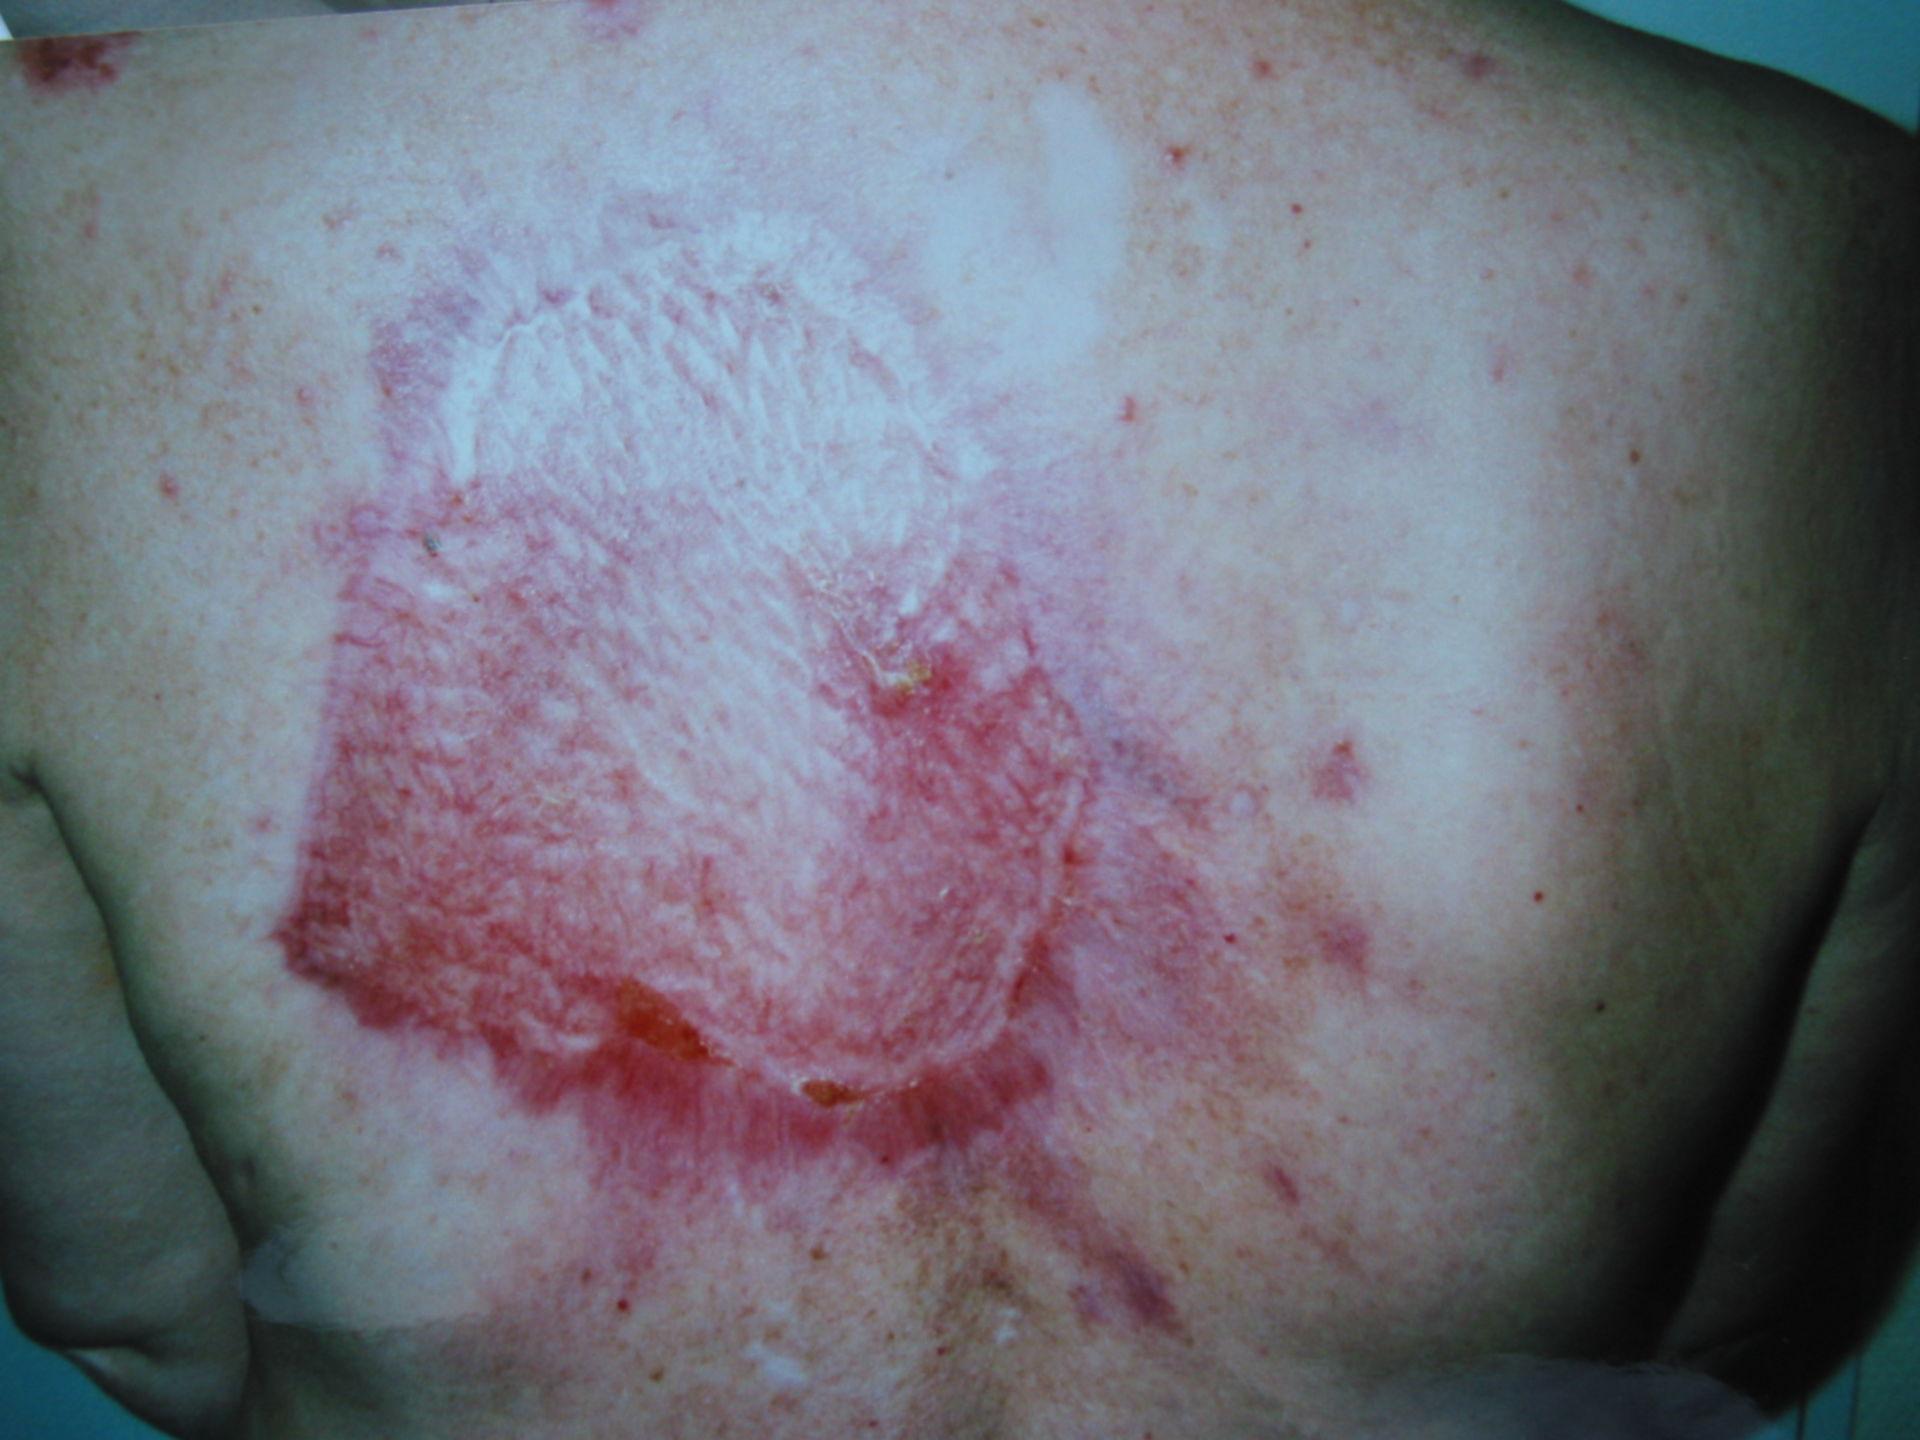 Carcinoma basocellulare sulla schiena - risultato 6 settimane dopo intervento chirurgico